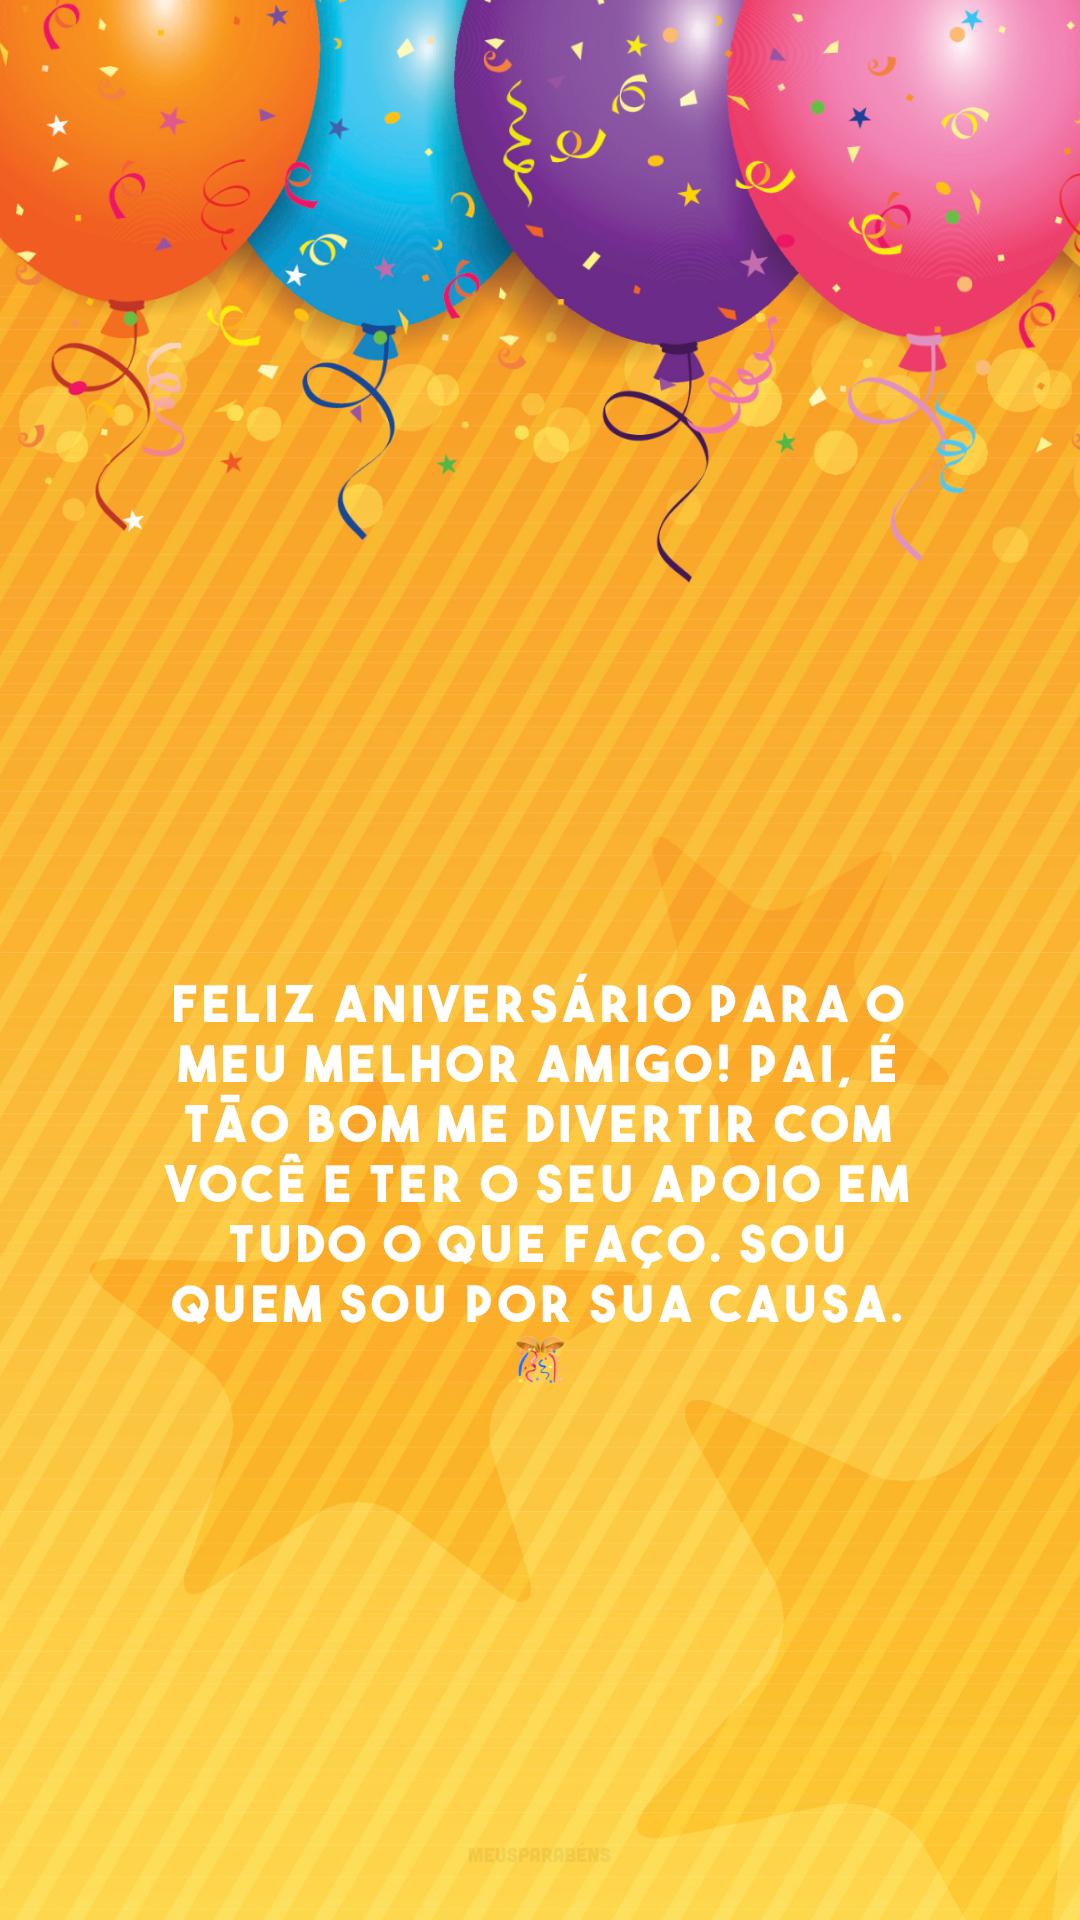 Feliz aniversário para o meu melhor amigo! Pai, é tão bom me divertir com você e ter o seu apoio em tudo o que faço. Sou quem sou por sua causa. 🎊